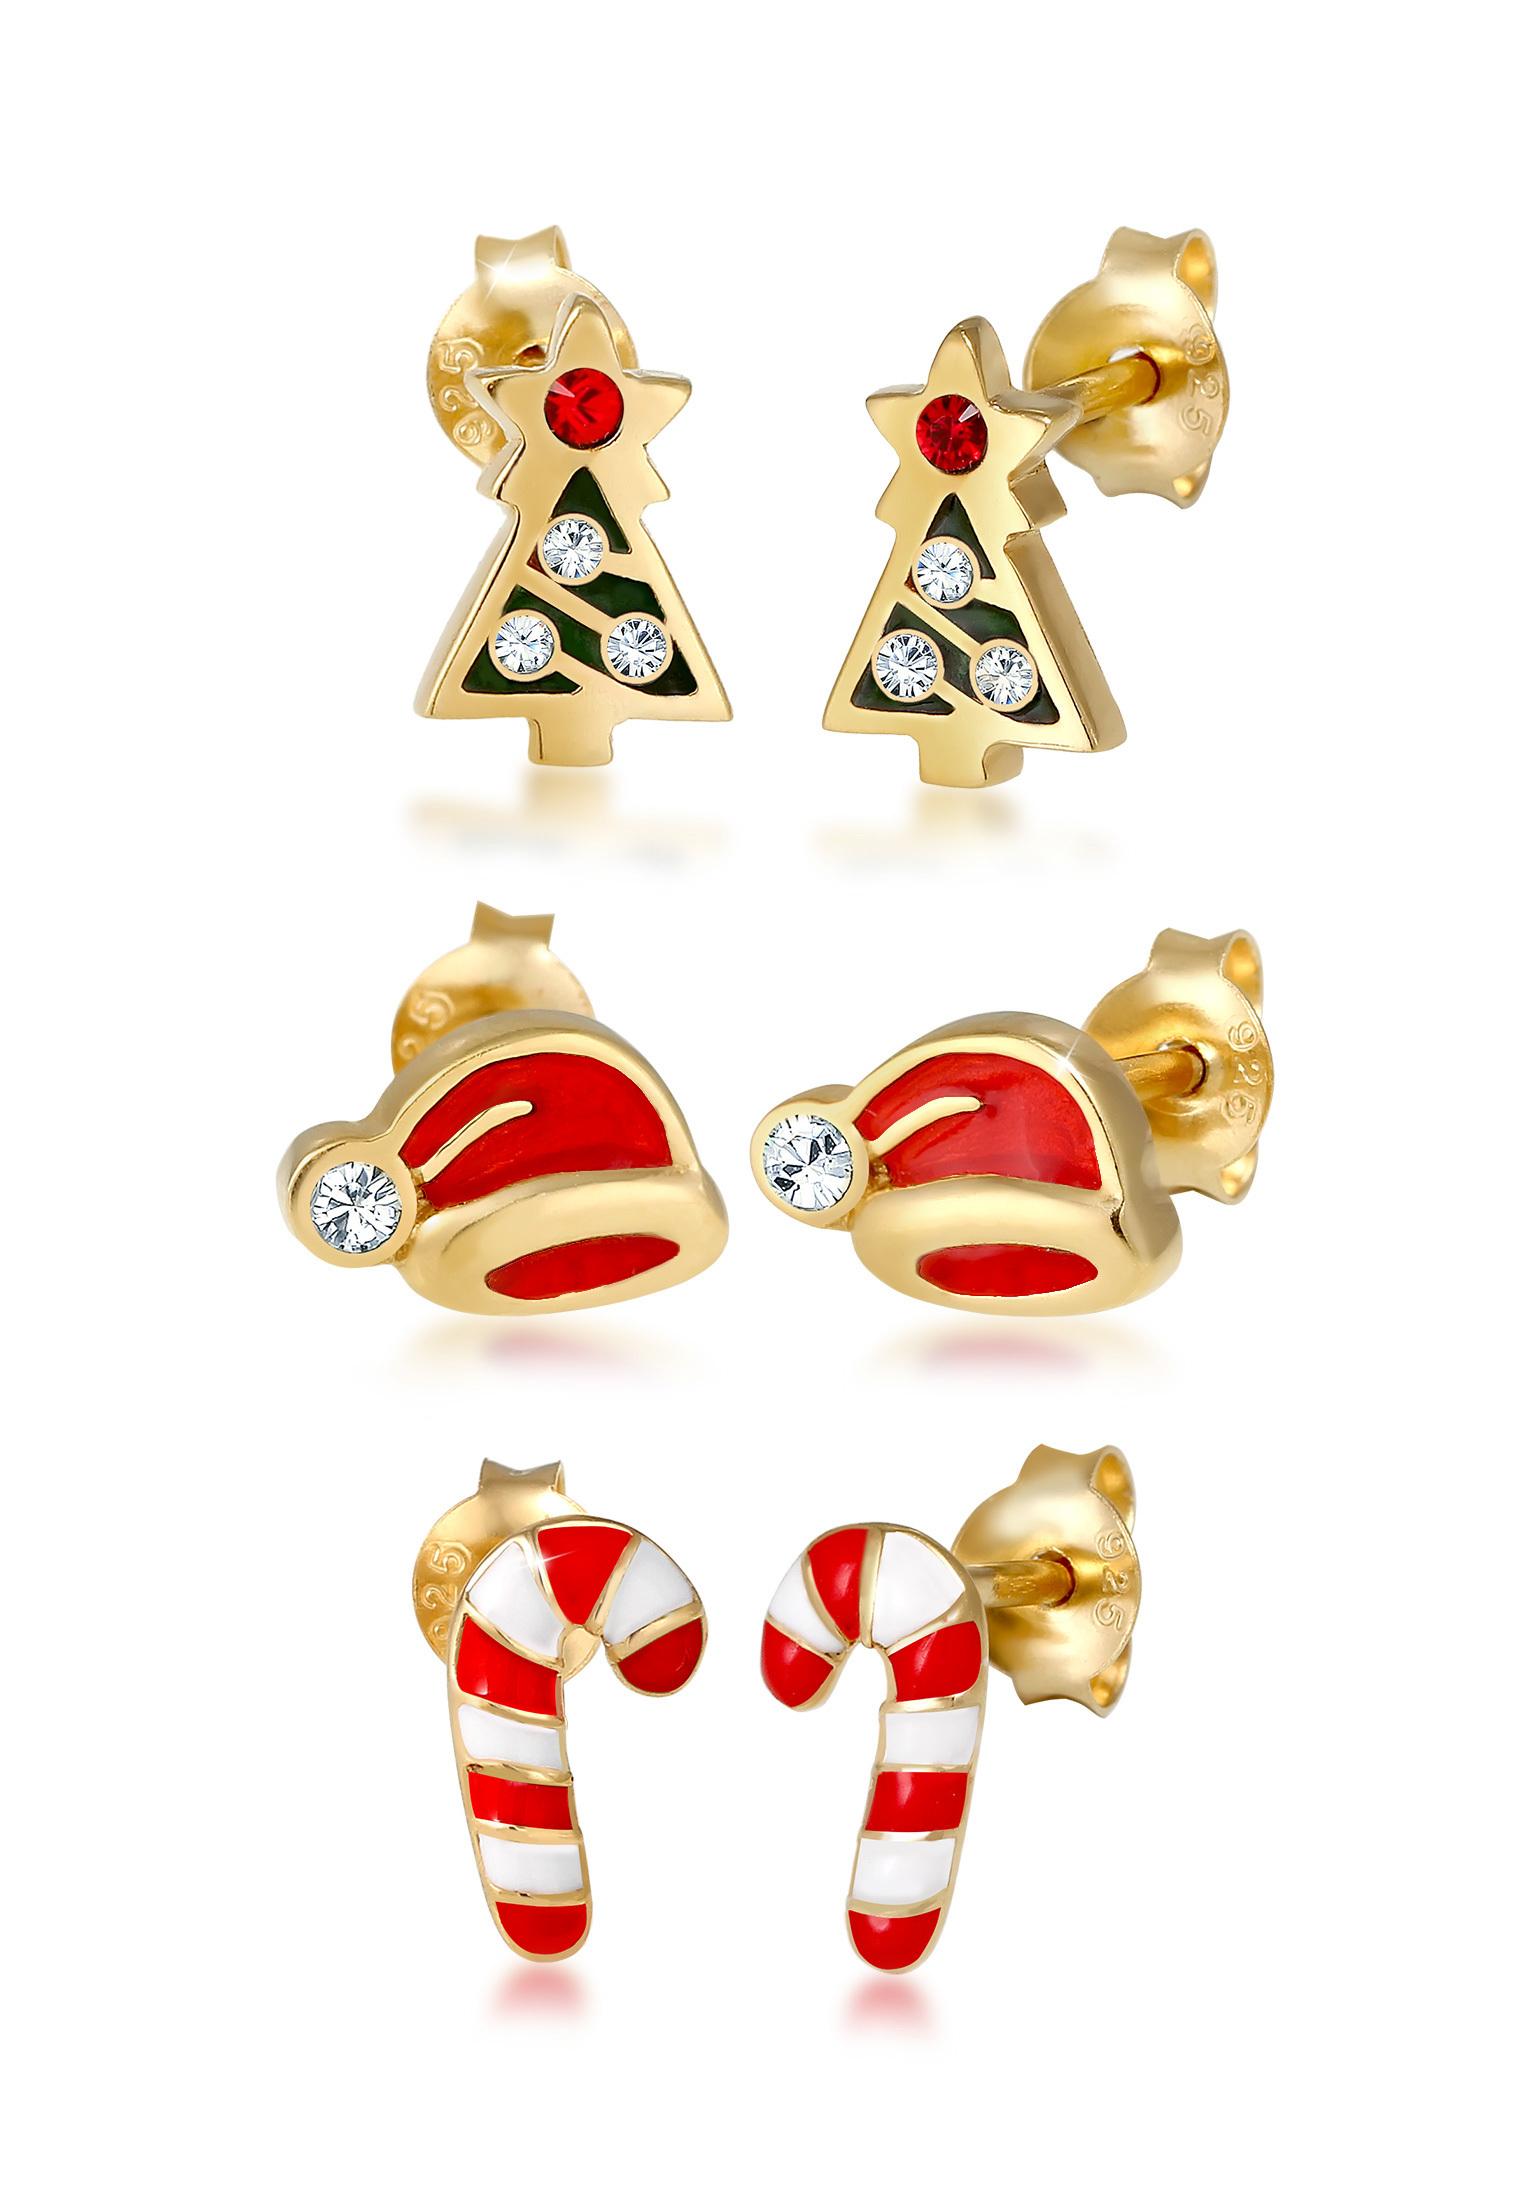 Ohrringset Tannenbaum | Kristall ( Rot ) | 925 Sterling Silber vergoldet